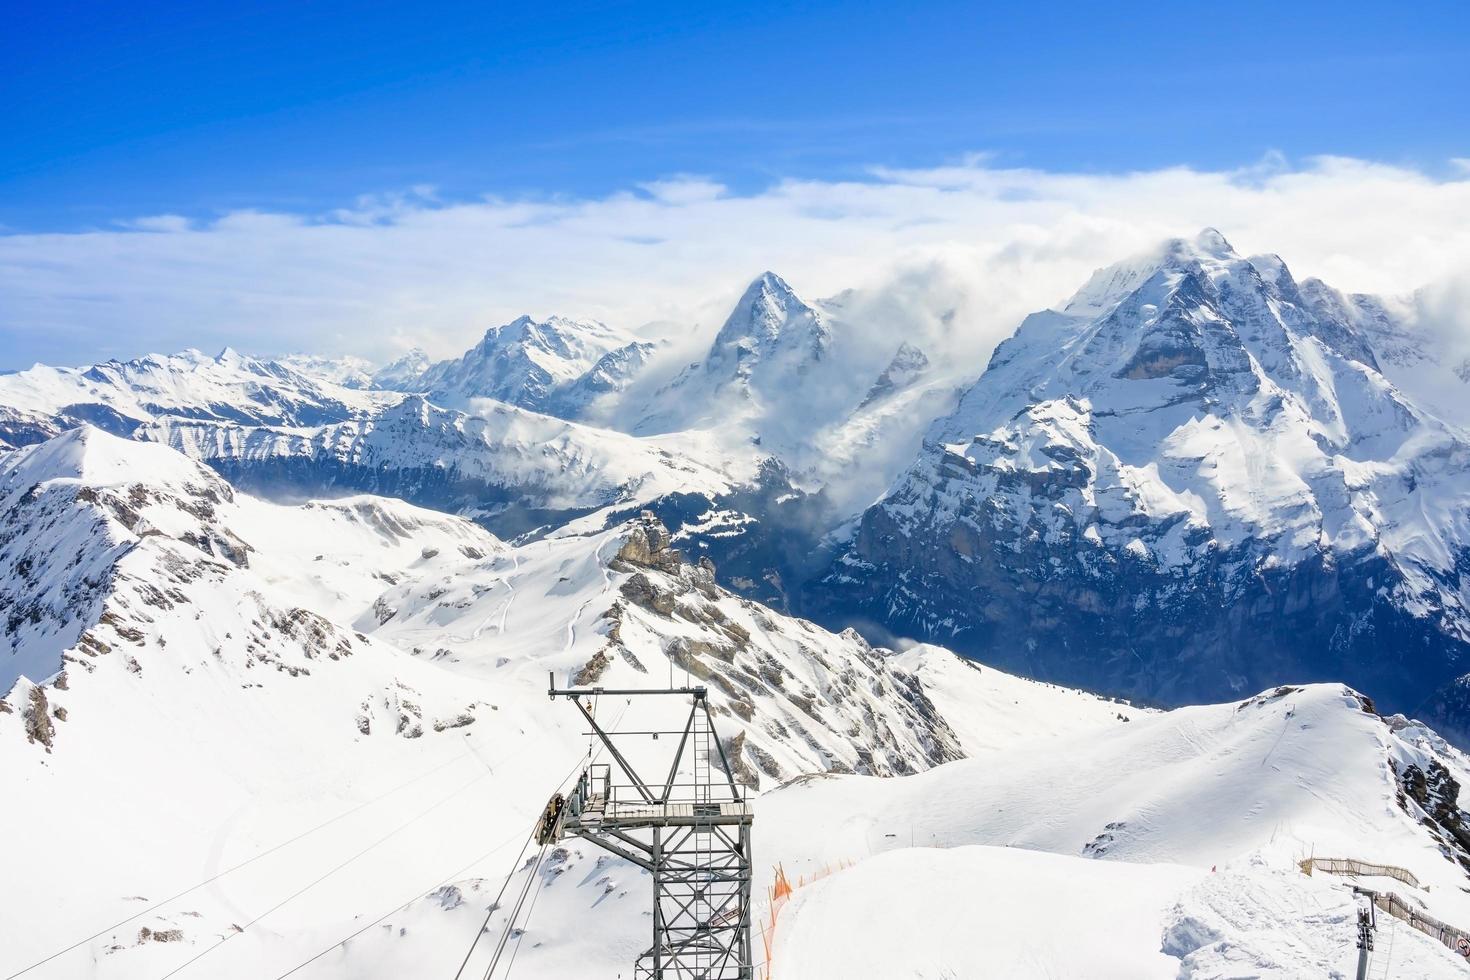 vue panoramique imprenable sur les Alpes suisses photo